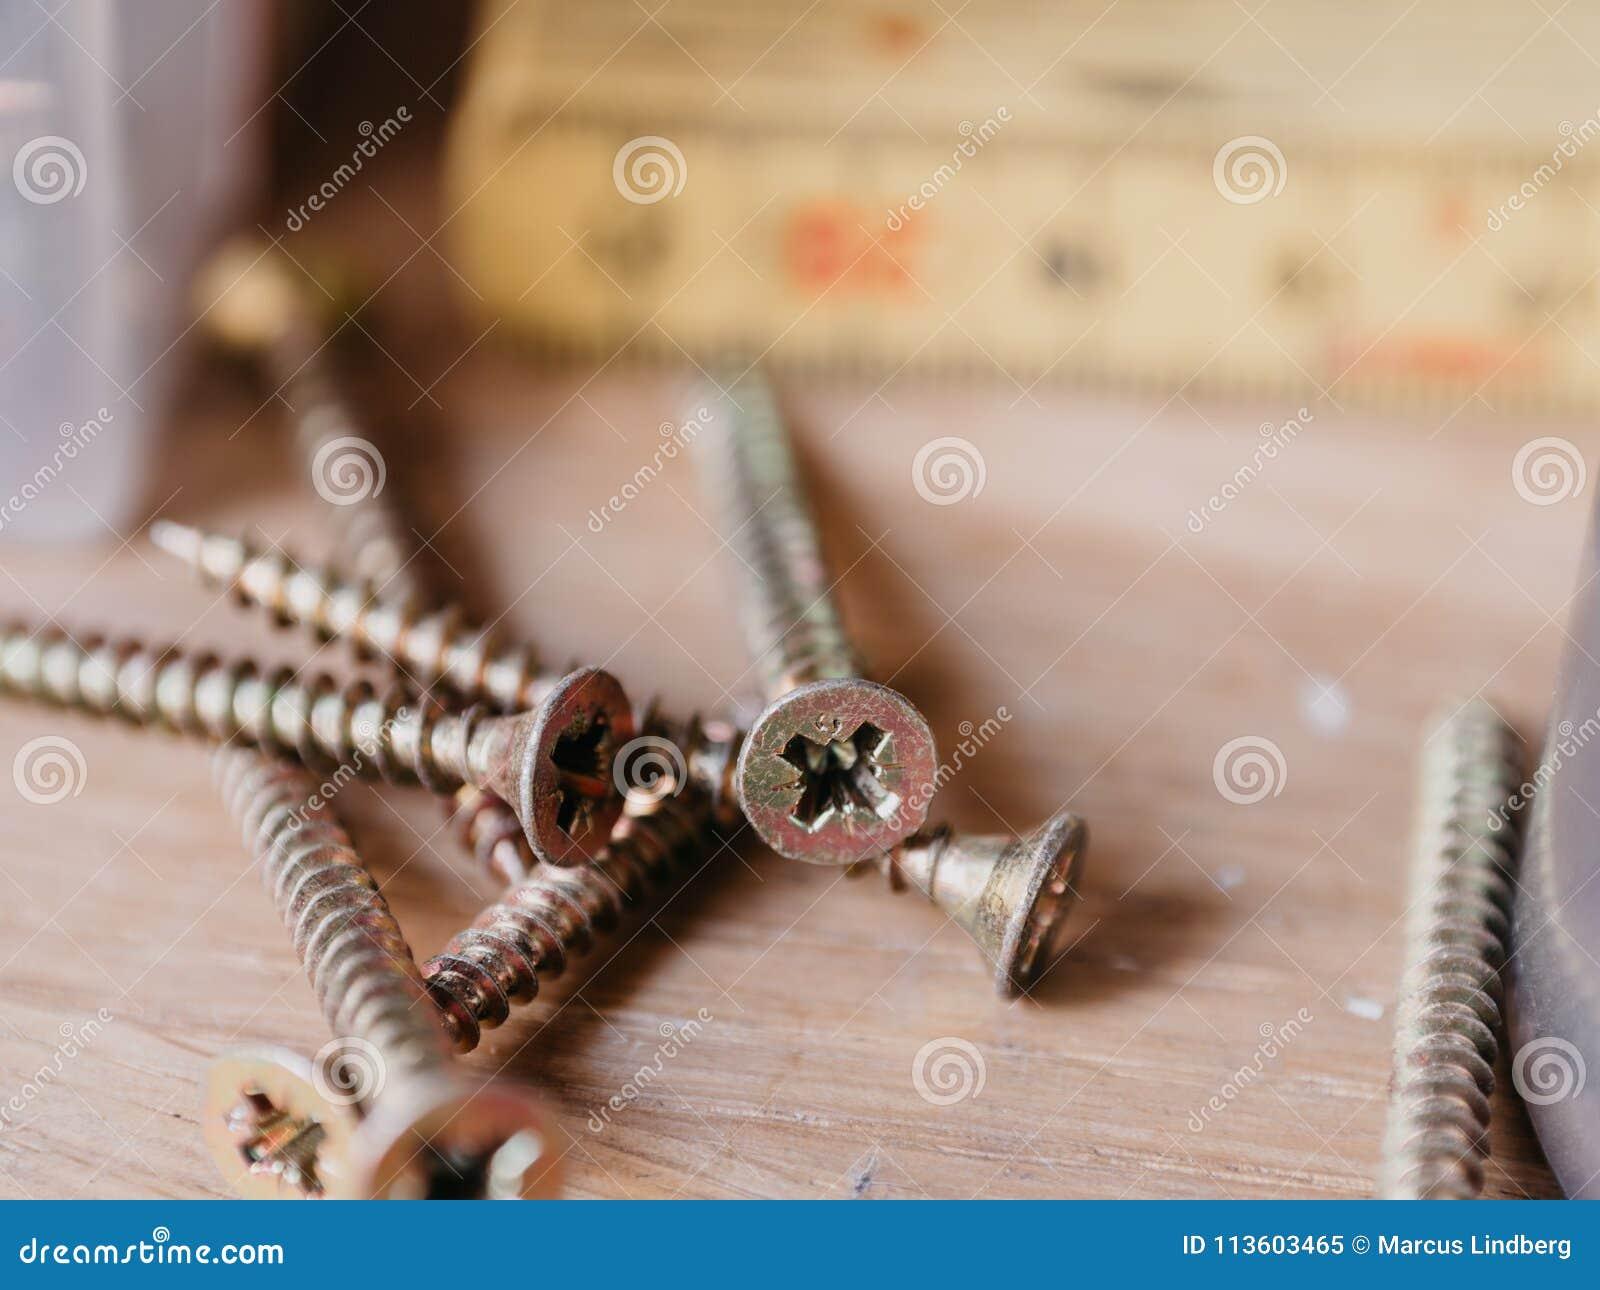 Schrauben im toolshop mit Maßstab im Hintergrund